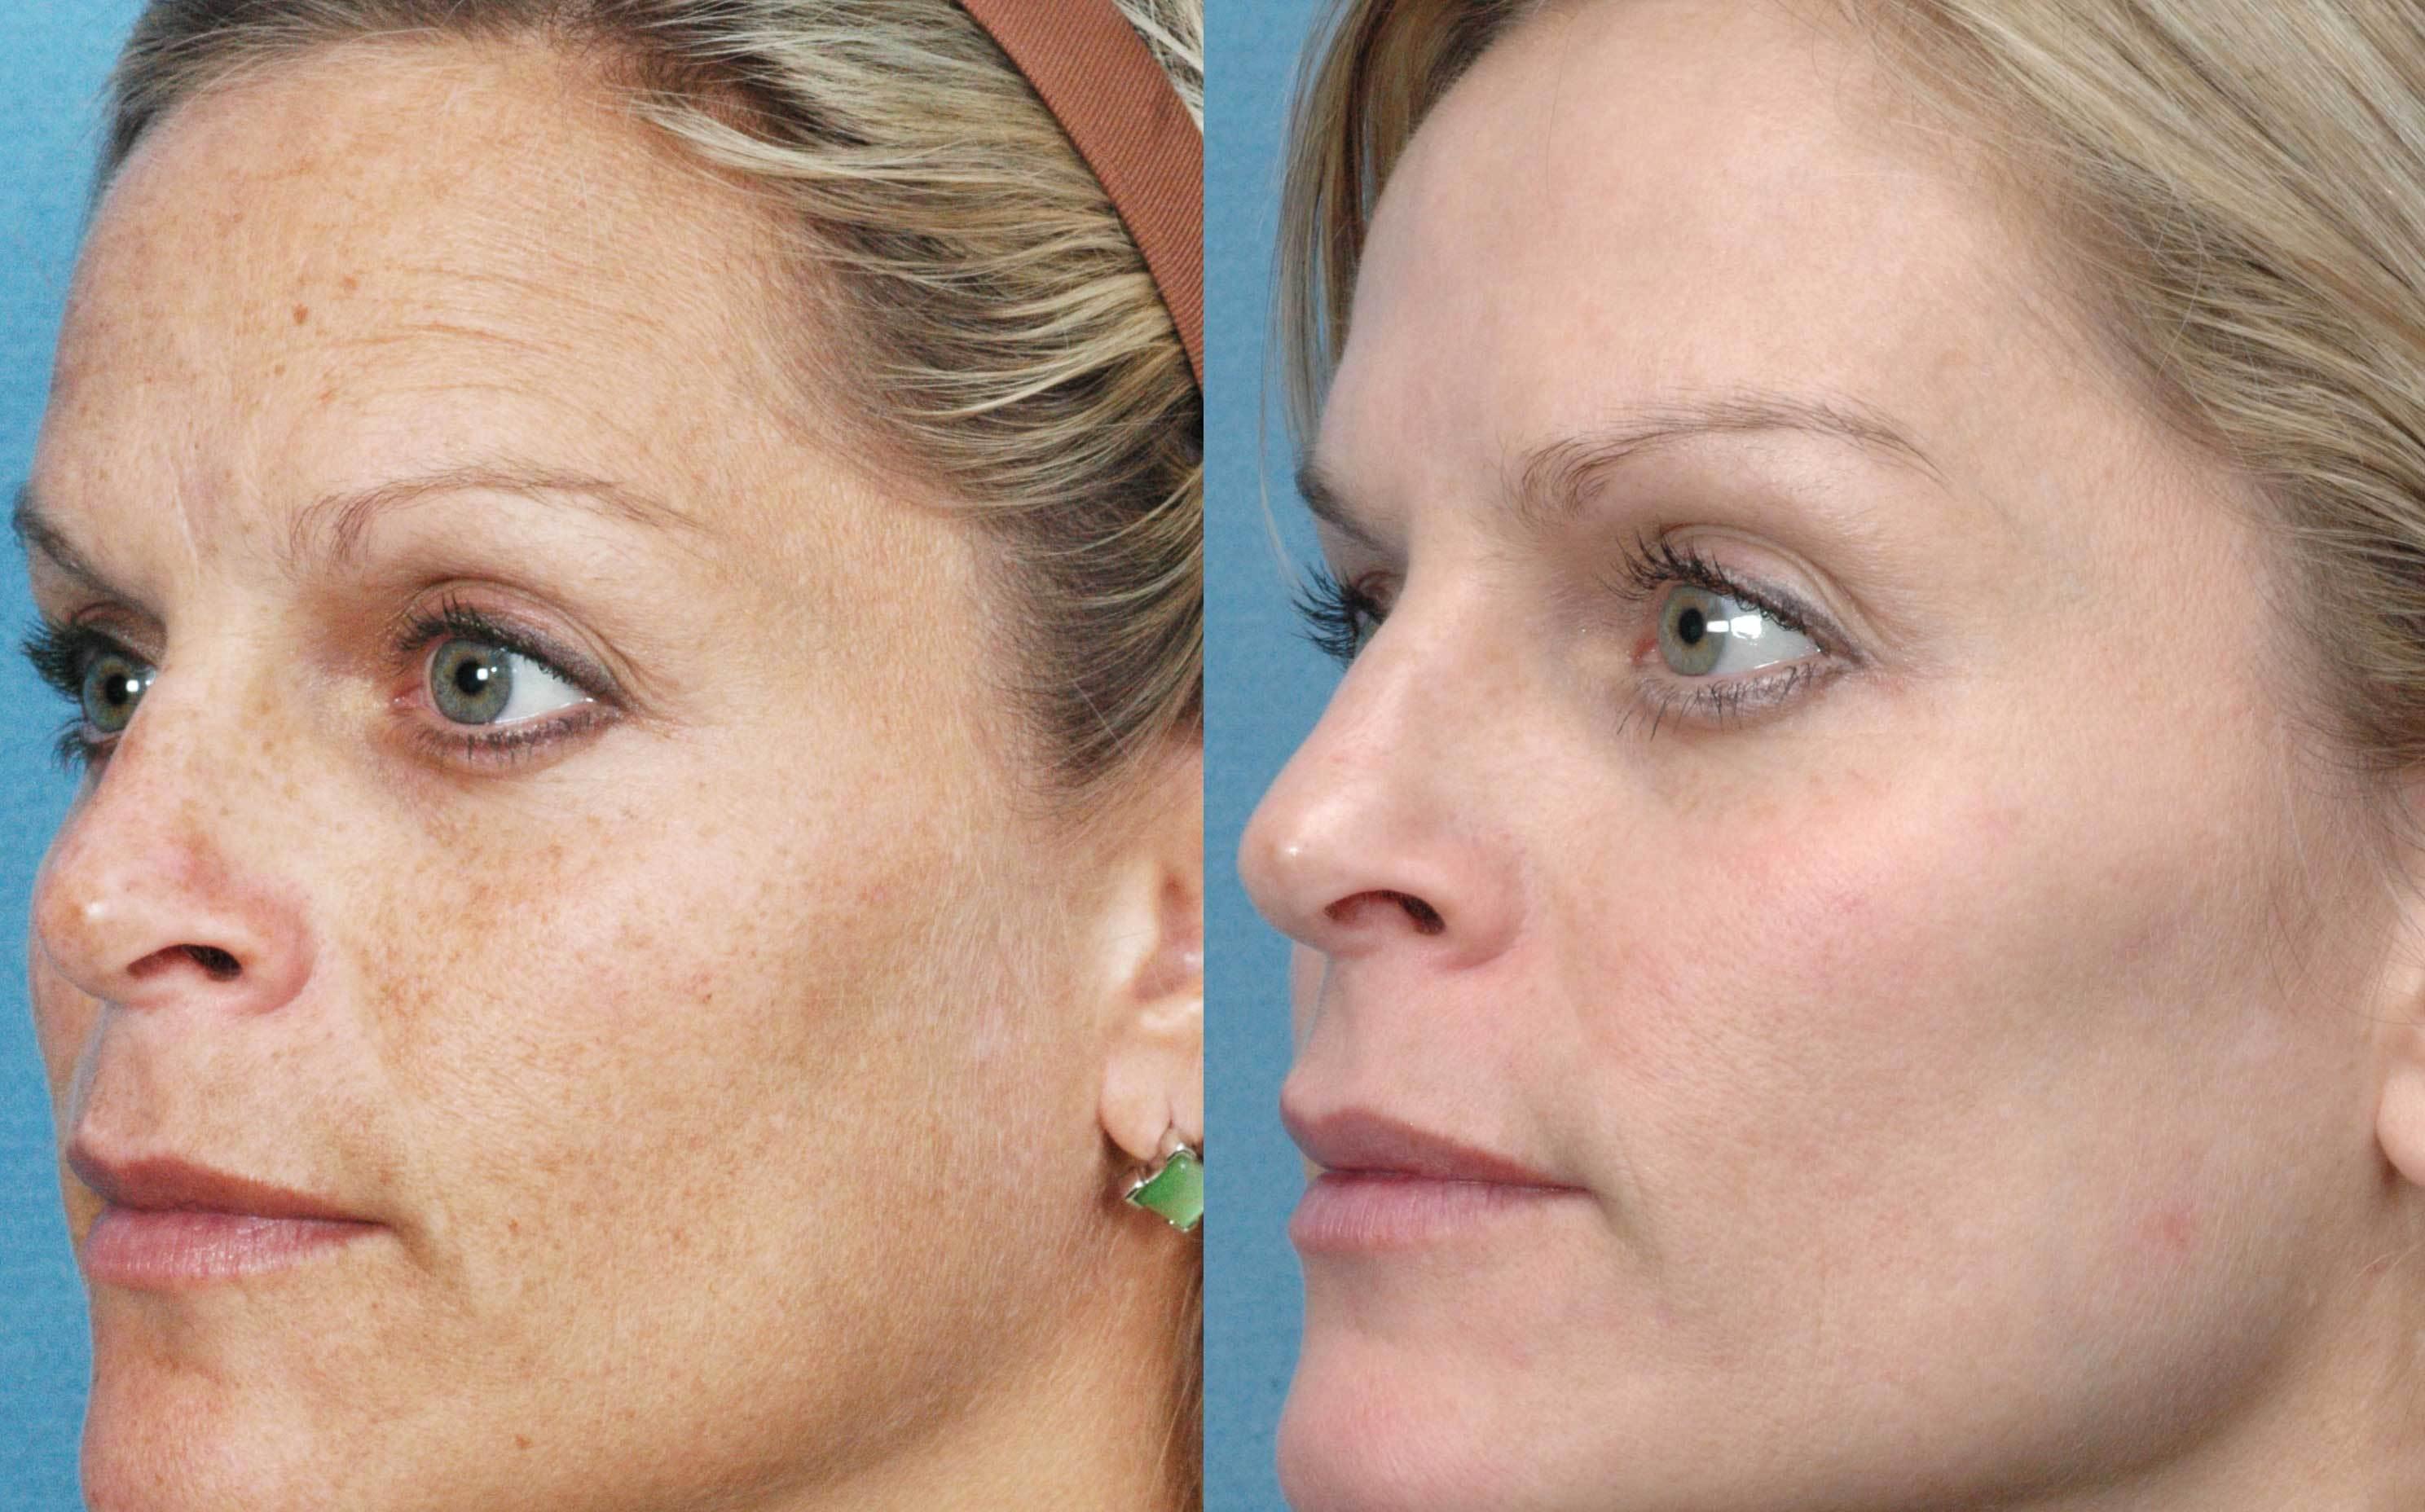 hogyan lehet megszabadulni az arc vörös foltjaitól a horzsolások után